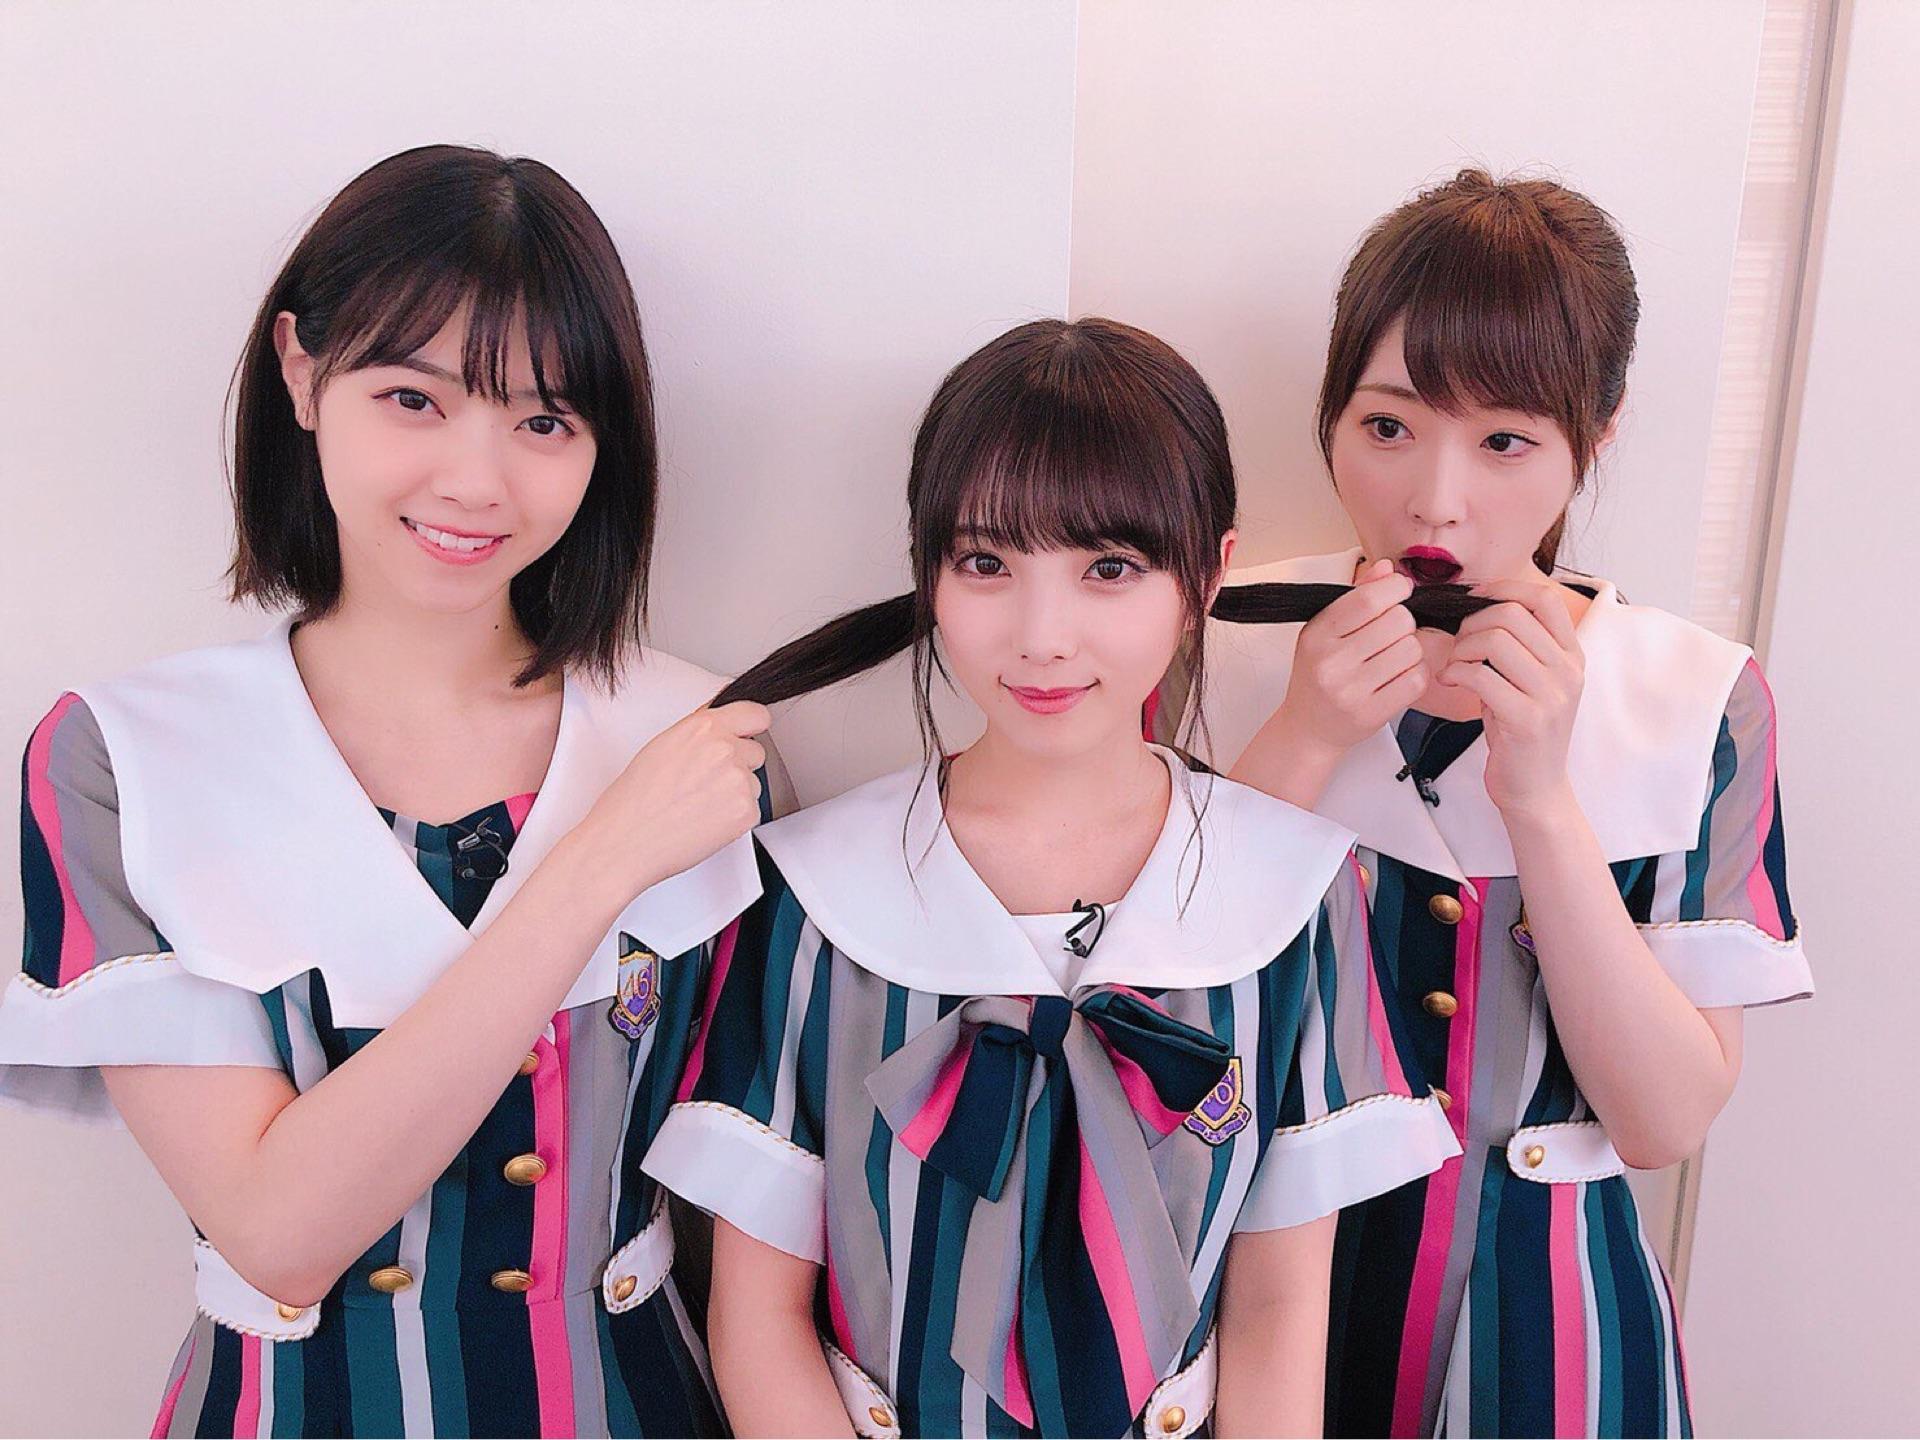 西野七瀬と乃木坂46応援トーク 乃木坂株式会社 755